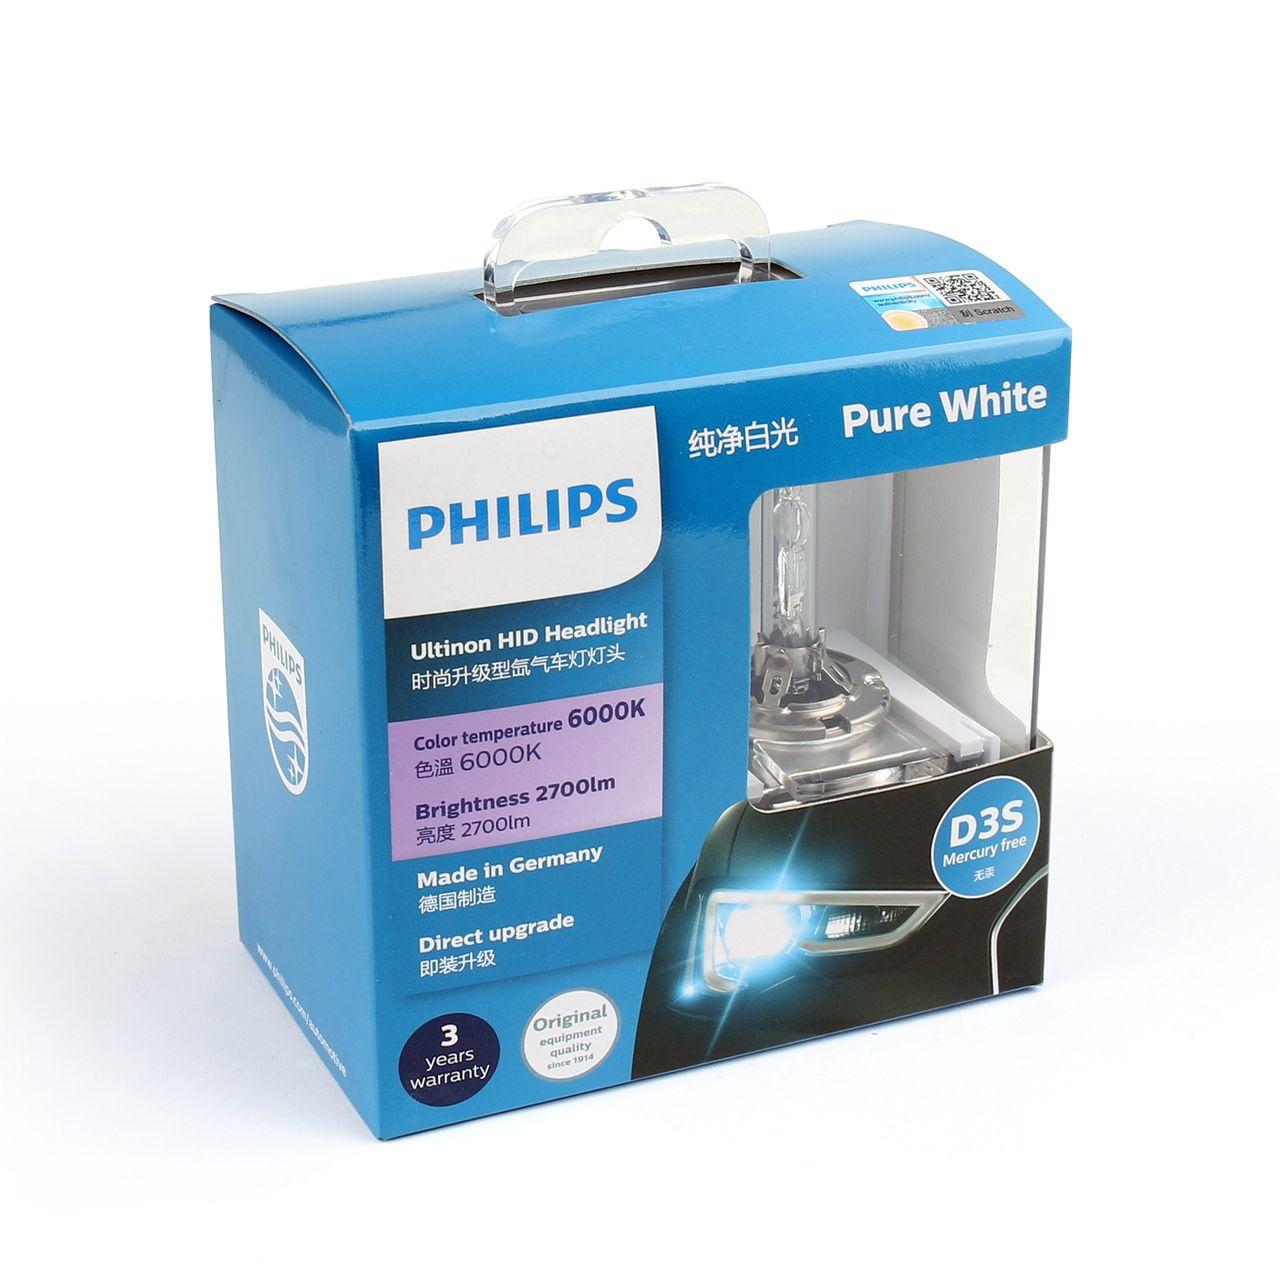 Mad Hornets Genuine Philips 42403 Ultinon Hid Xenon Car Headlight Bulbs D3s 6000k 42v 35w 189 99 Http Car Headlight Bulbs Headlight Bulbs Car Headlights